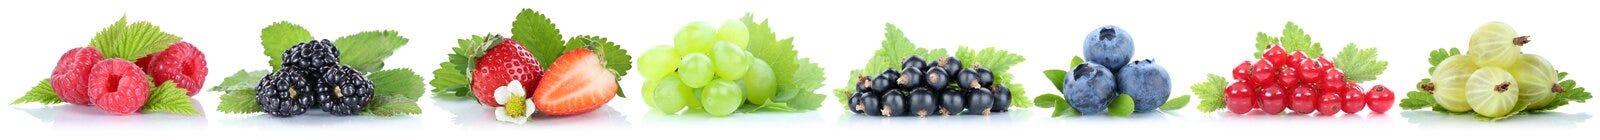 Kolekcja jagod owoc winogron truskawek czarne jagody czerwone Fotografia Royalty Free